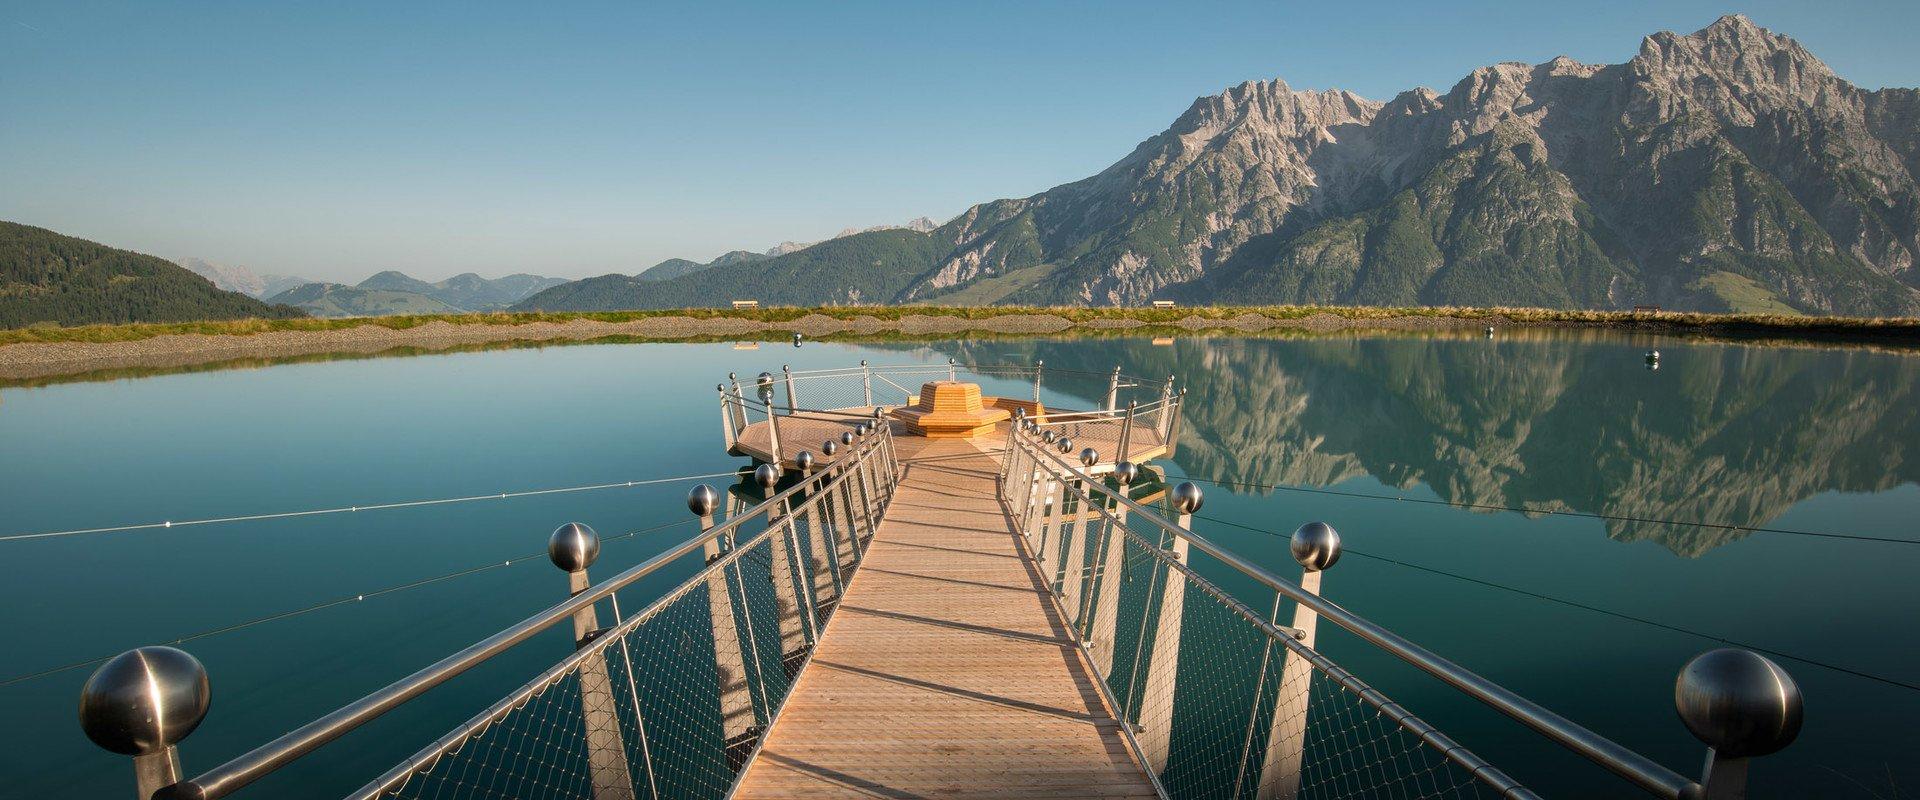 Bergsee in Leogang